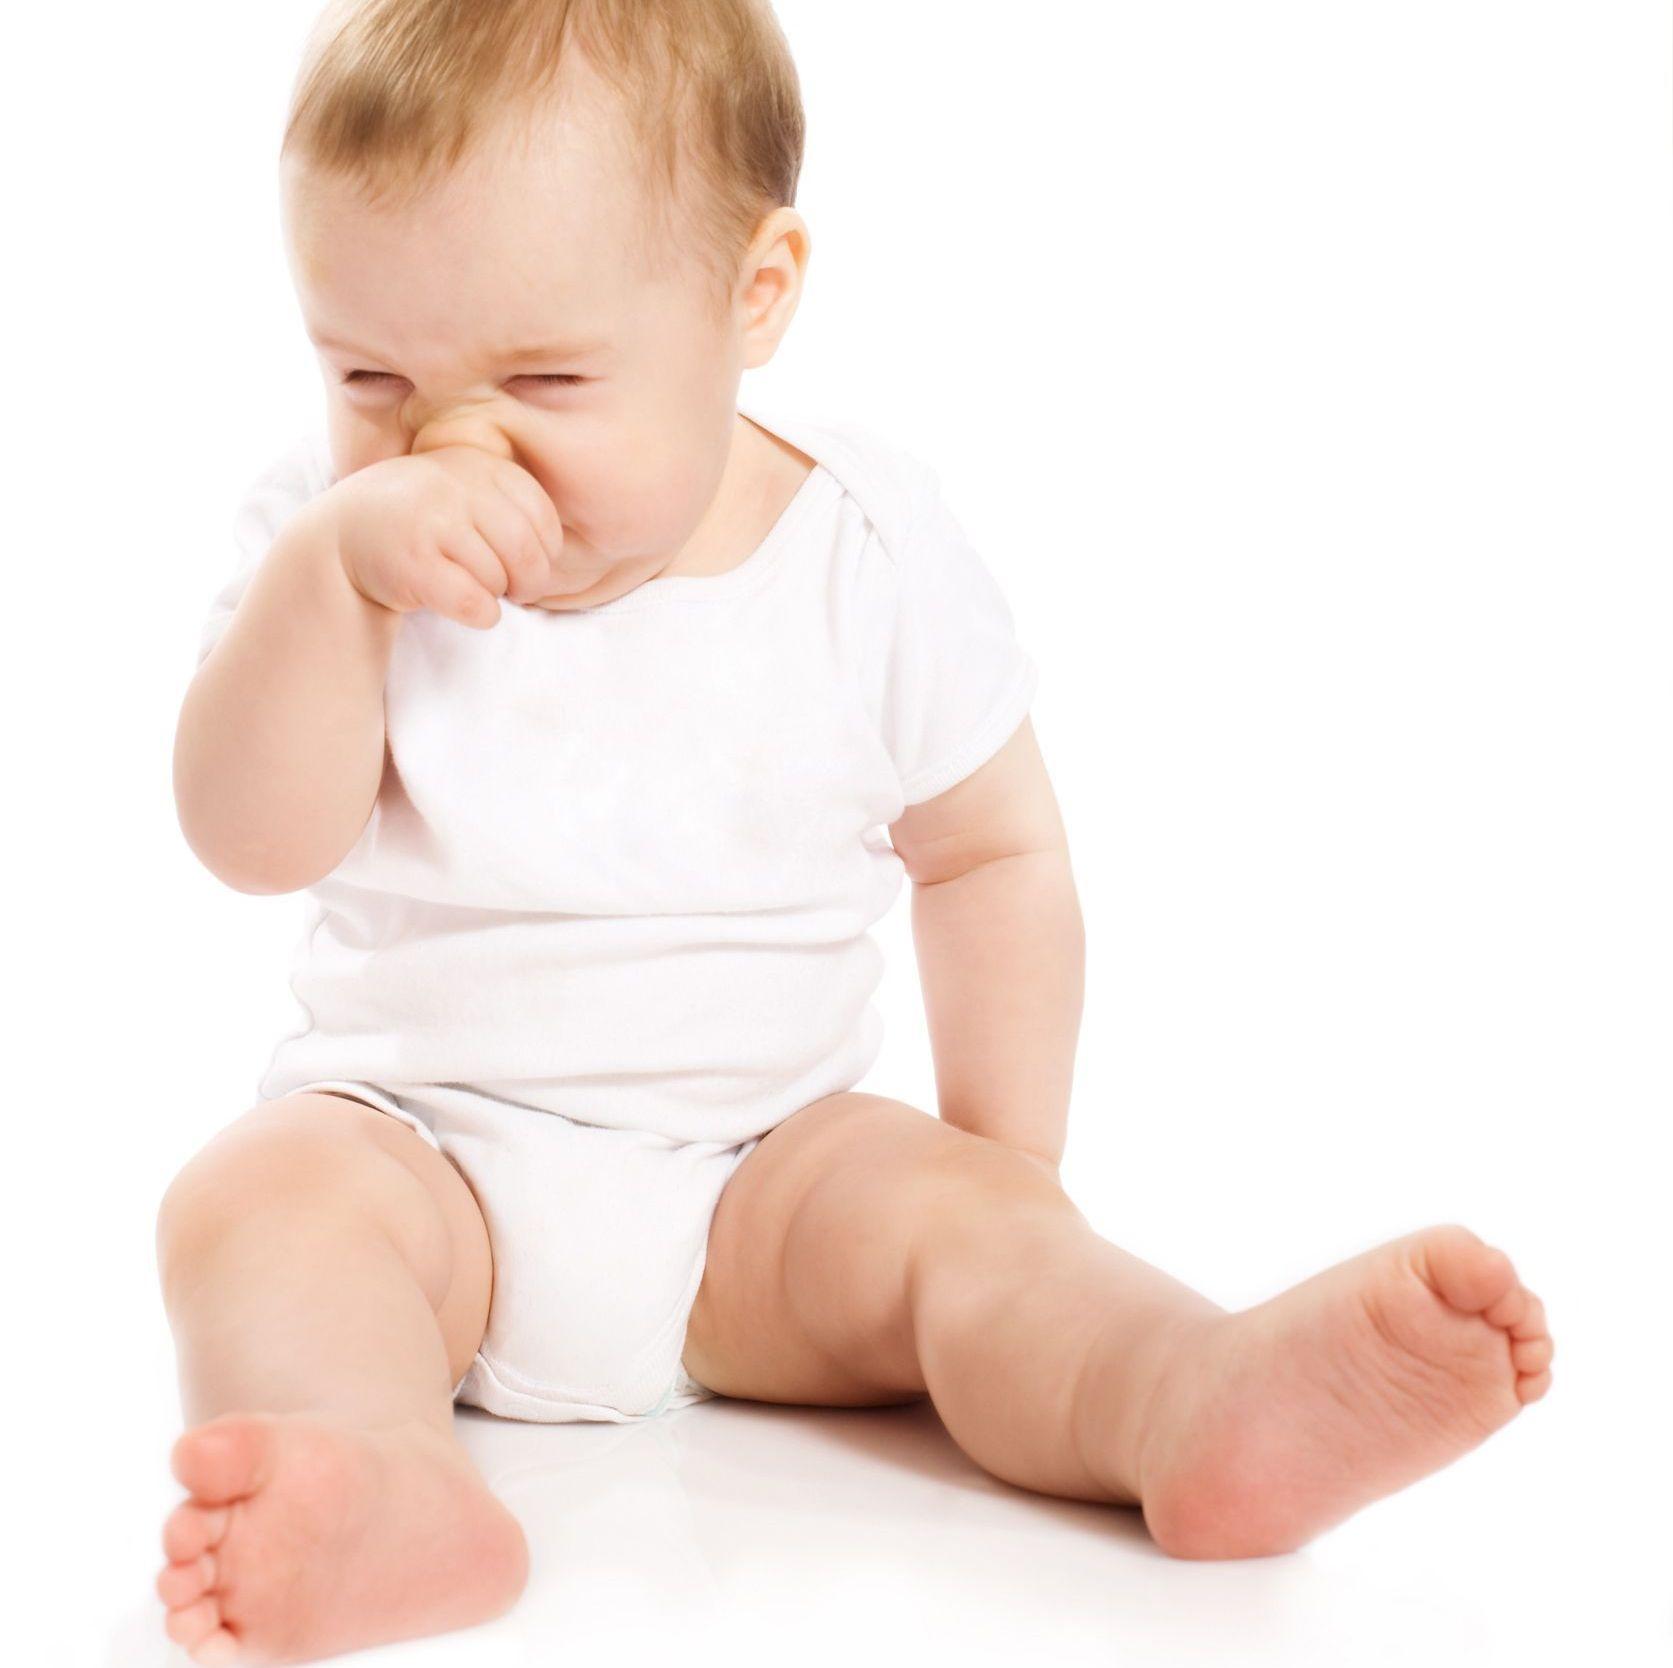 Bebeğin Burnu Nasıl Temizlenir?